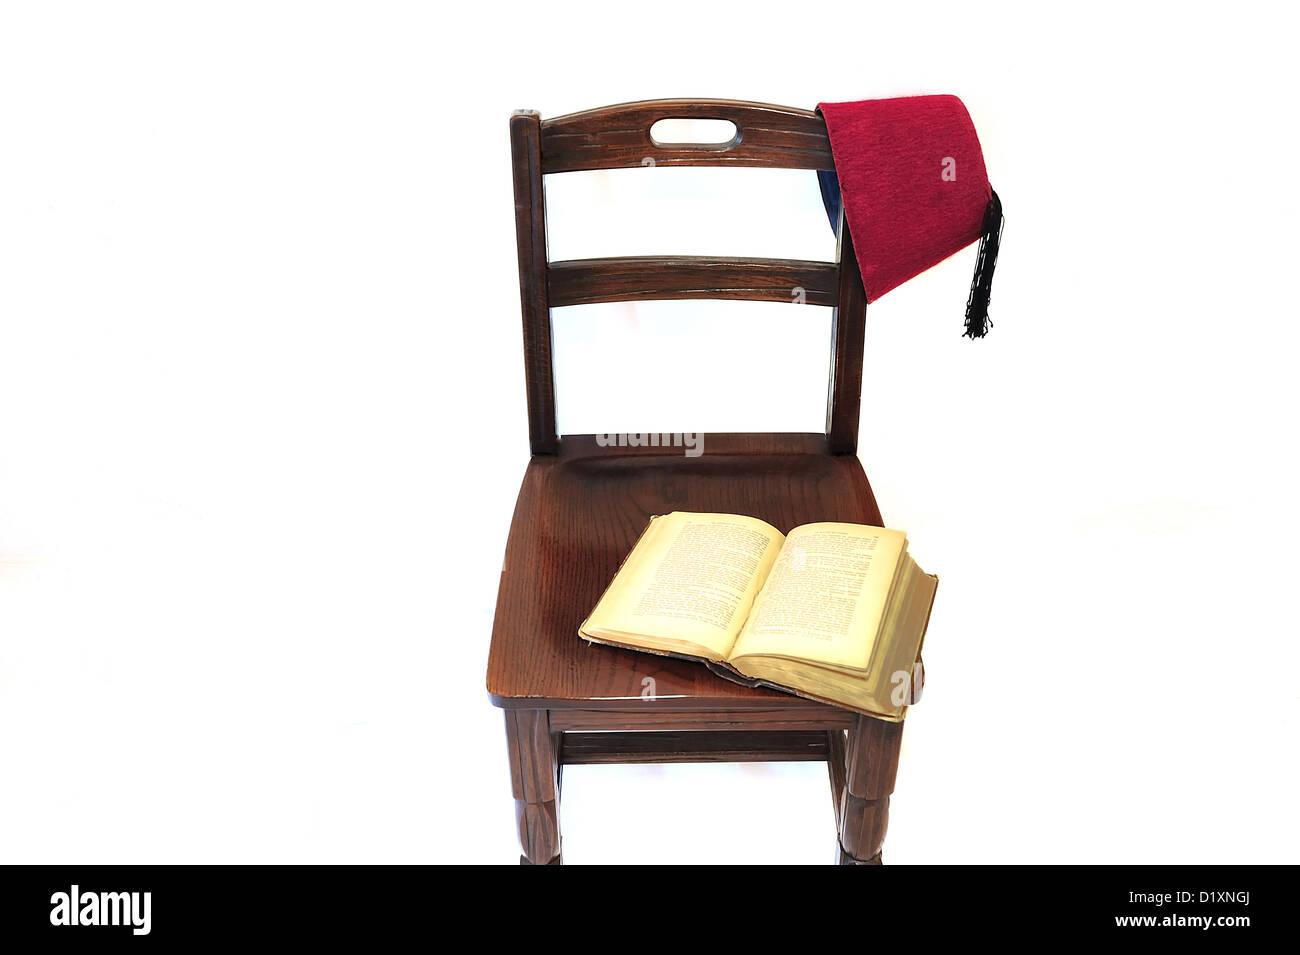 Un vecchio libro aperto lasciato aperto su una vecchia sedia. Un centro storico orientale coperchio della testa Immagini Stock